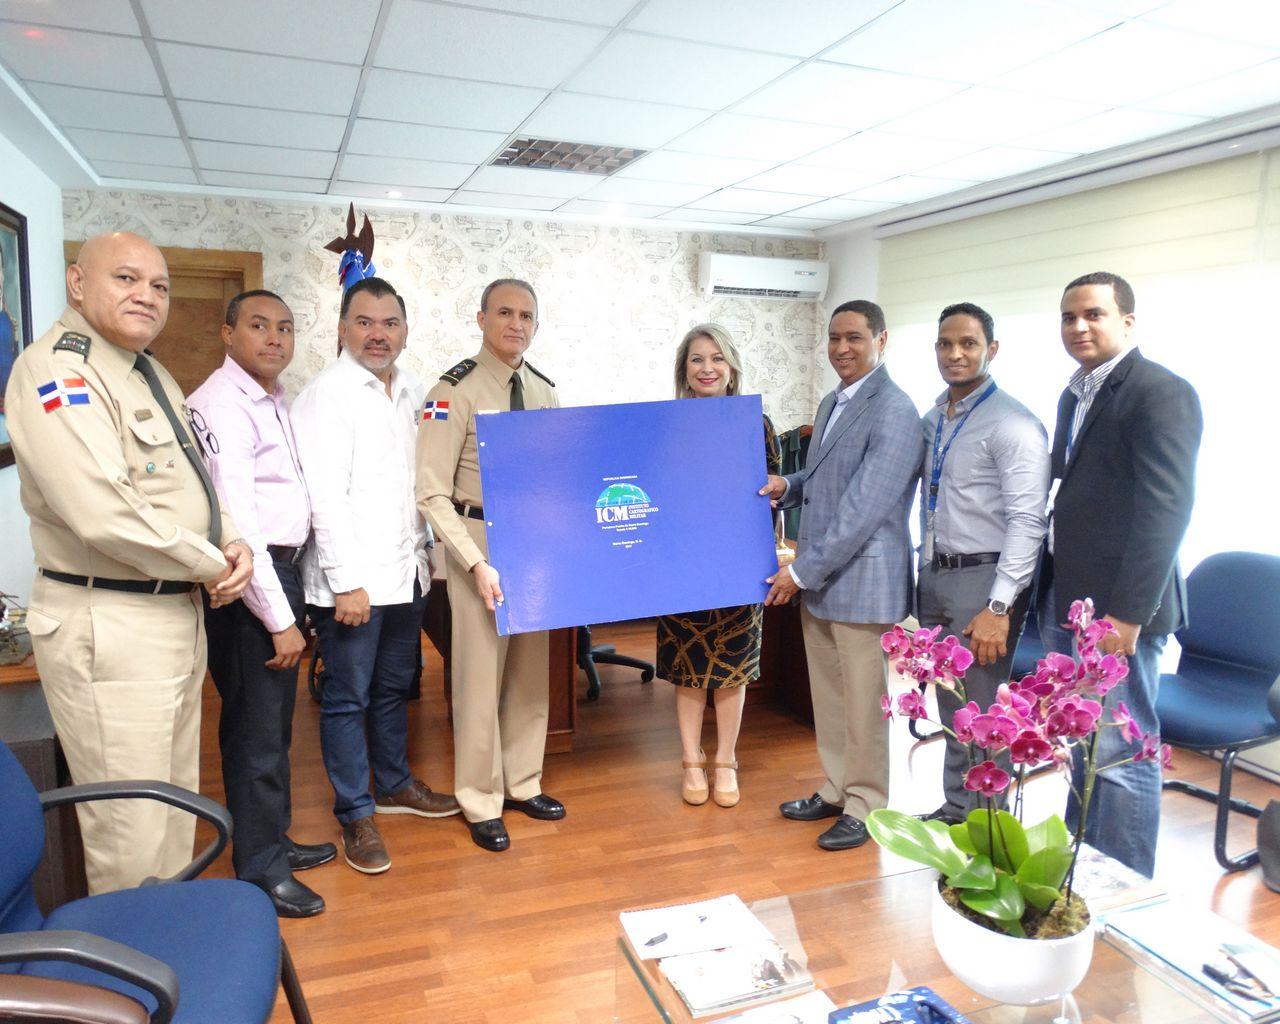 ICM entrega Álbum del Portulano del Puerto de Santo Domingo a la Asociación de Navieros de República Dominicana